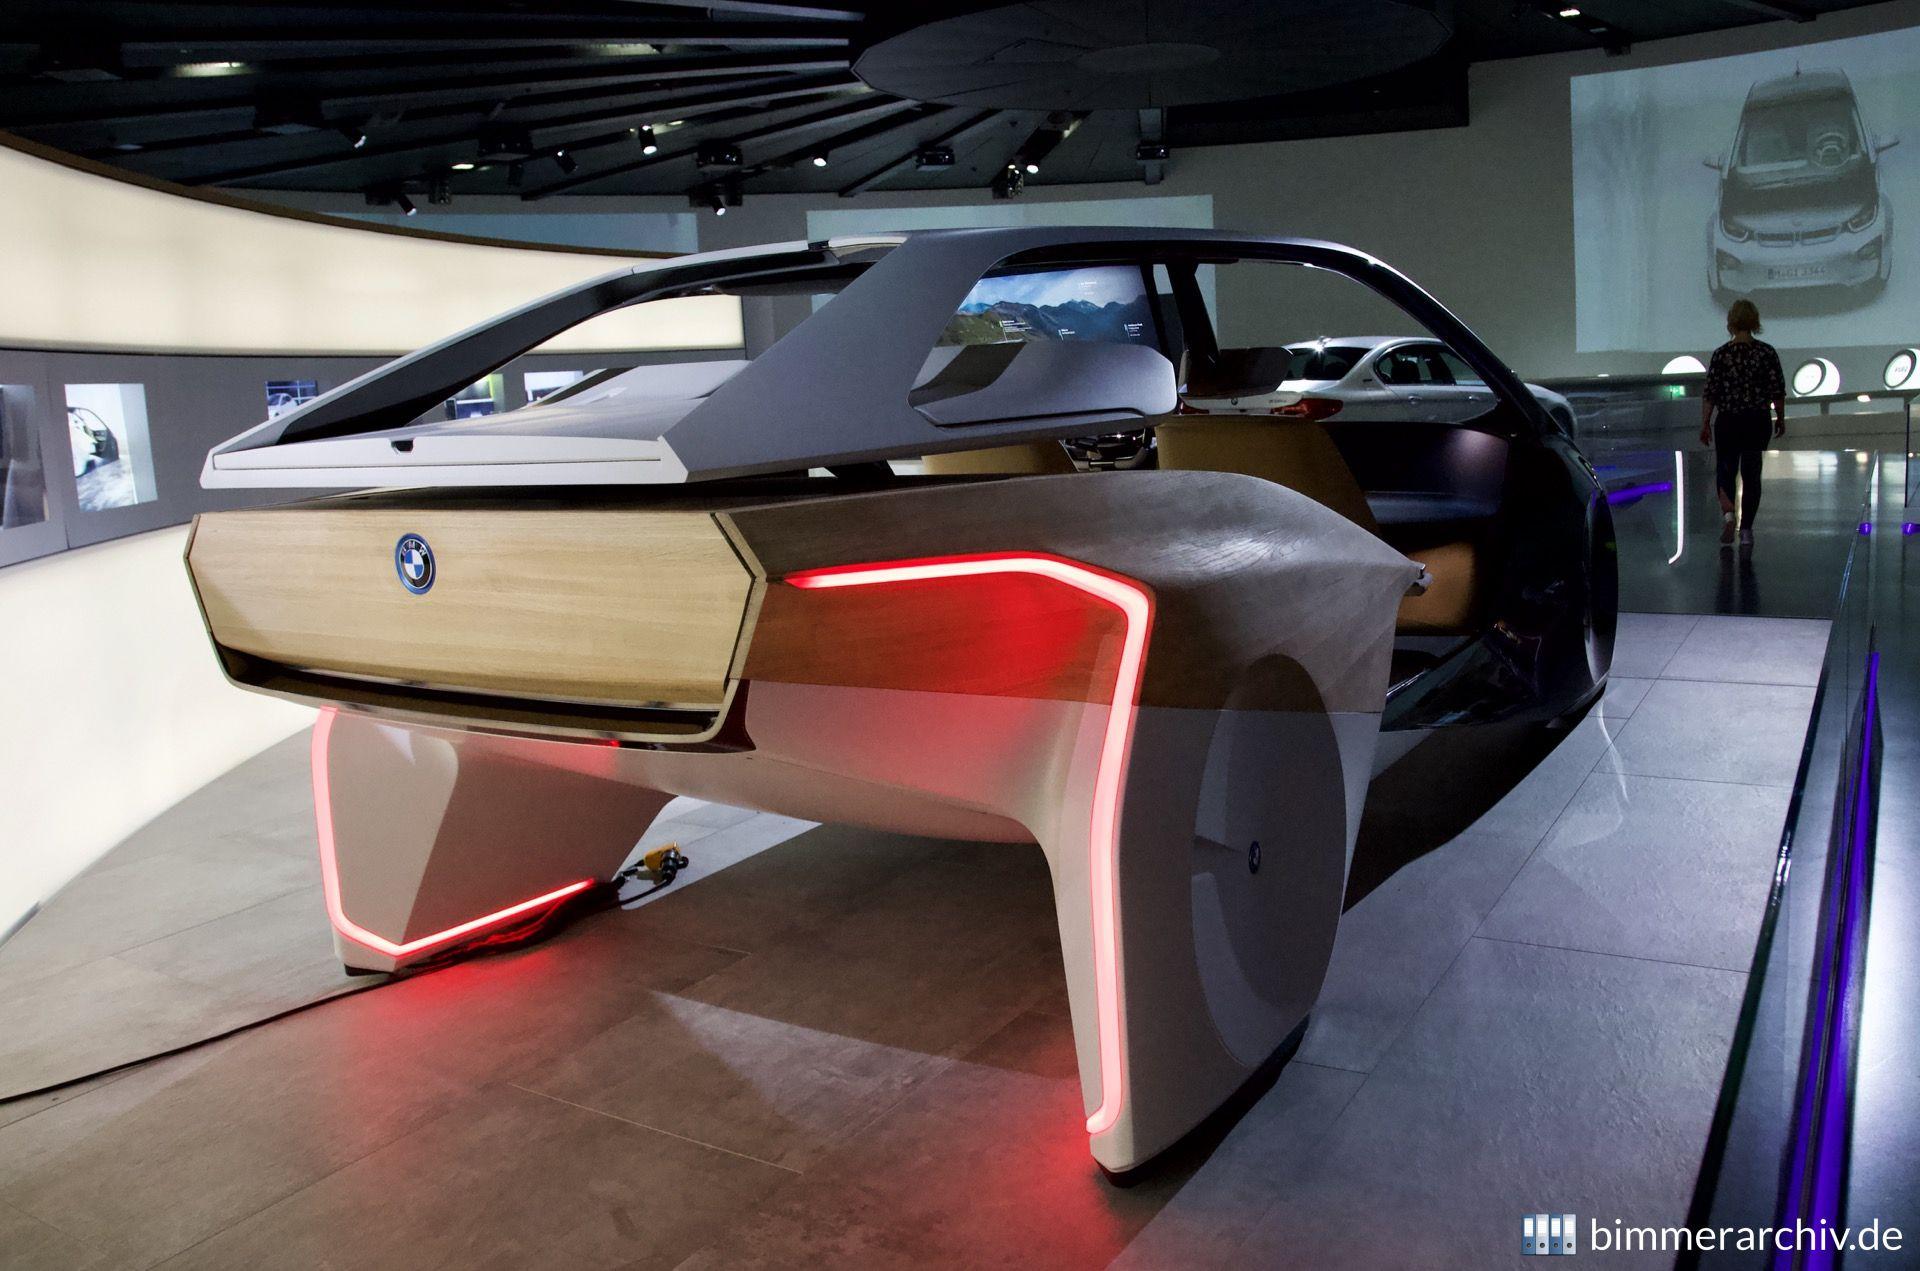 Baureihenarchiv Für Bmw Fahrzeuge Bmw I Inside Future Bimmerarchiv De